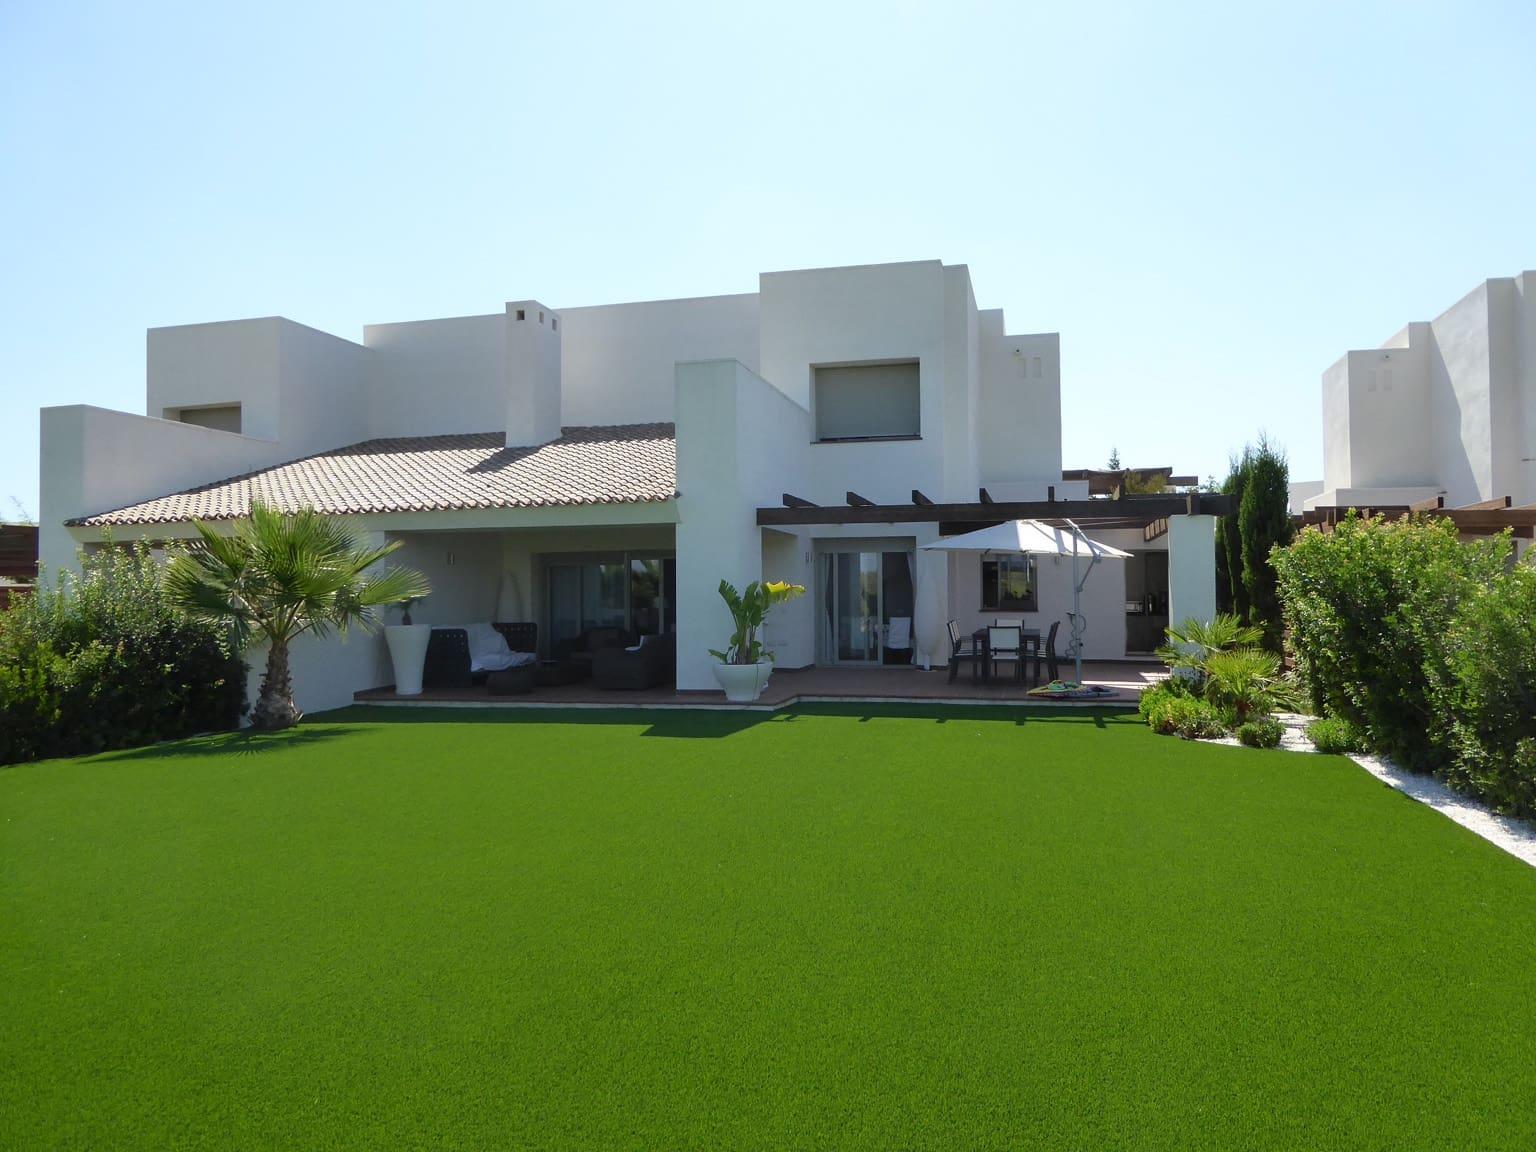 Chalet de 3 habitaciones en Las Colinas Golf en venta con piscina - 640.000 € (Ref: 4725447)